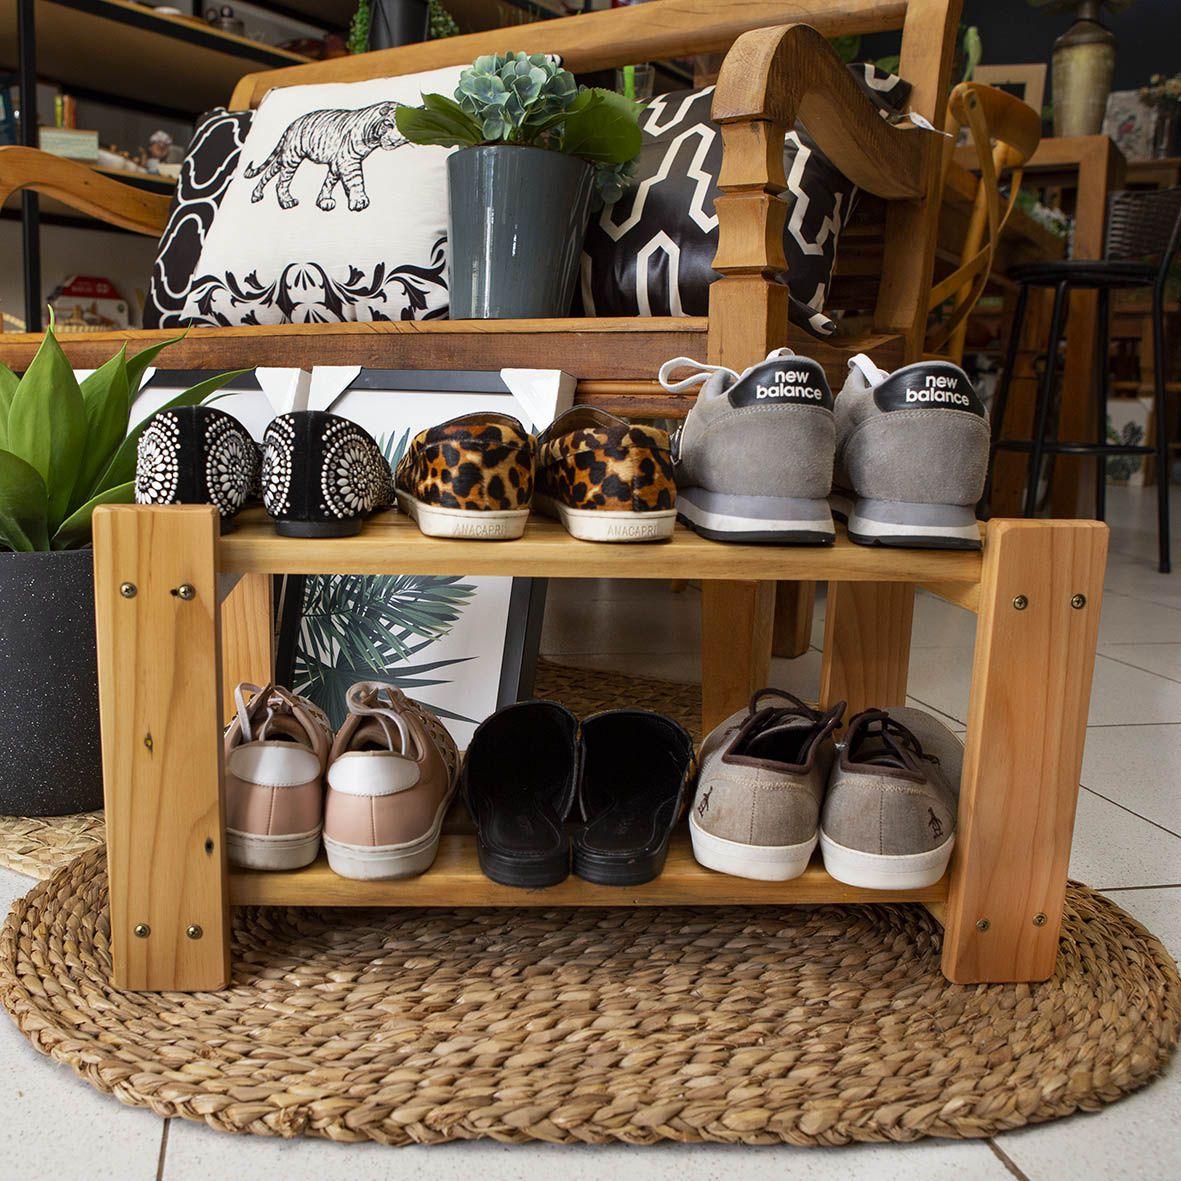 Sapateira para Porta de Casa em Madeira para Organizar Sapatos Cor Natural